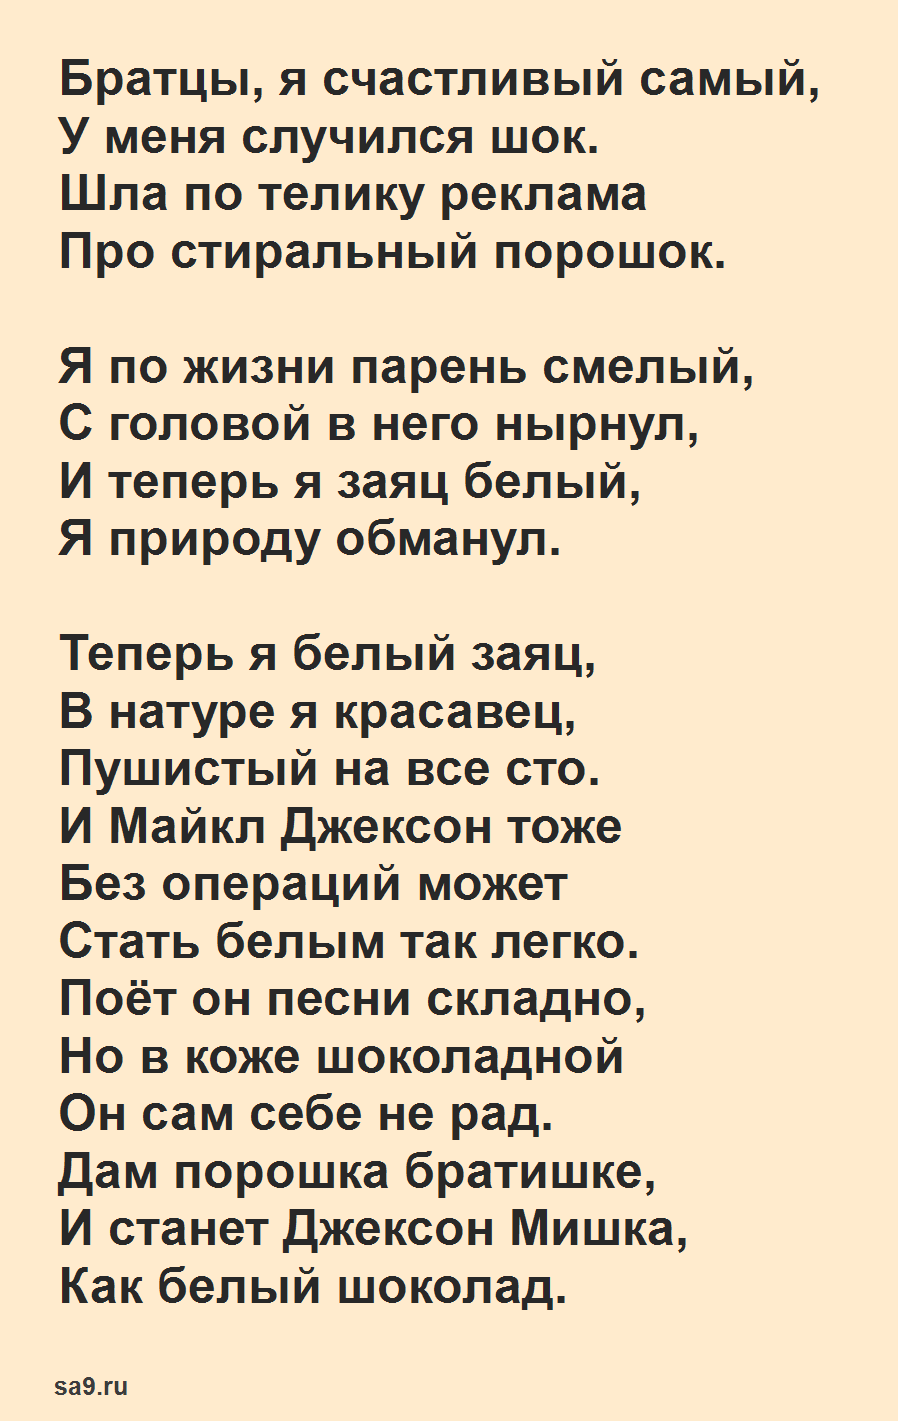 Стихи Рубальской с юмором - Белый заяц